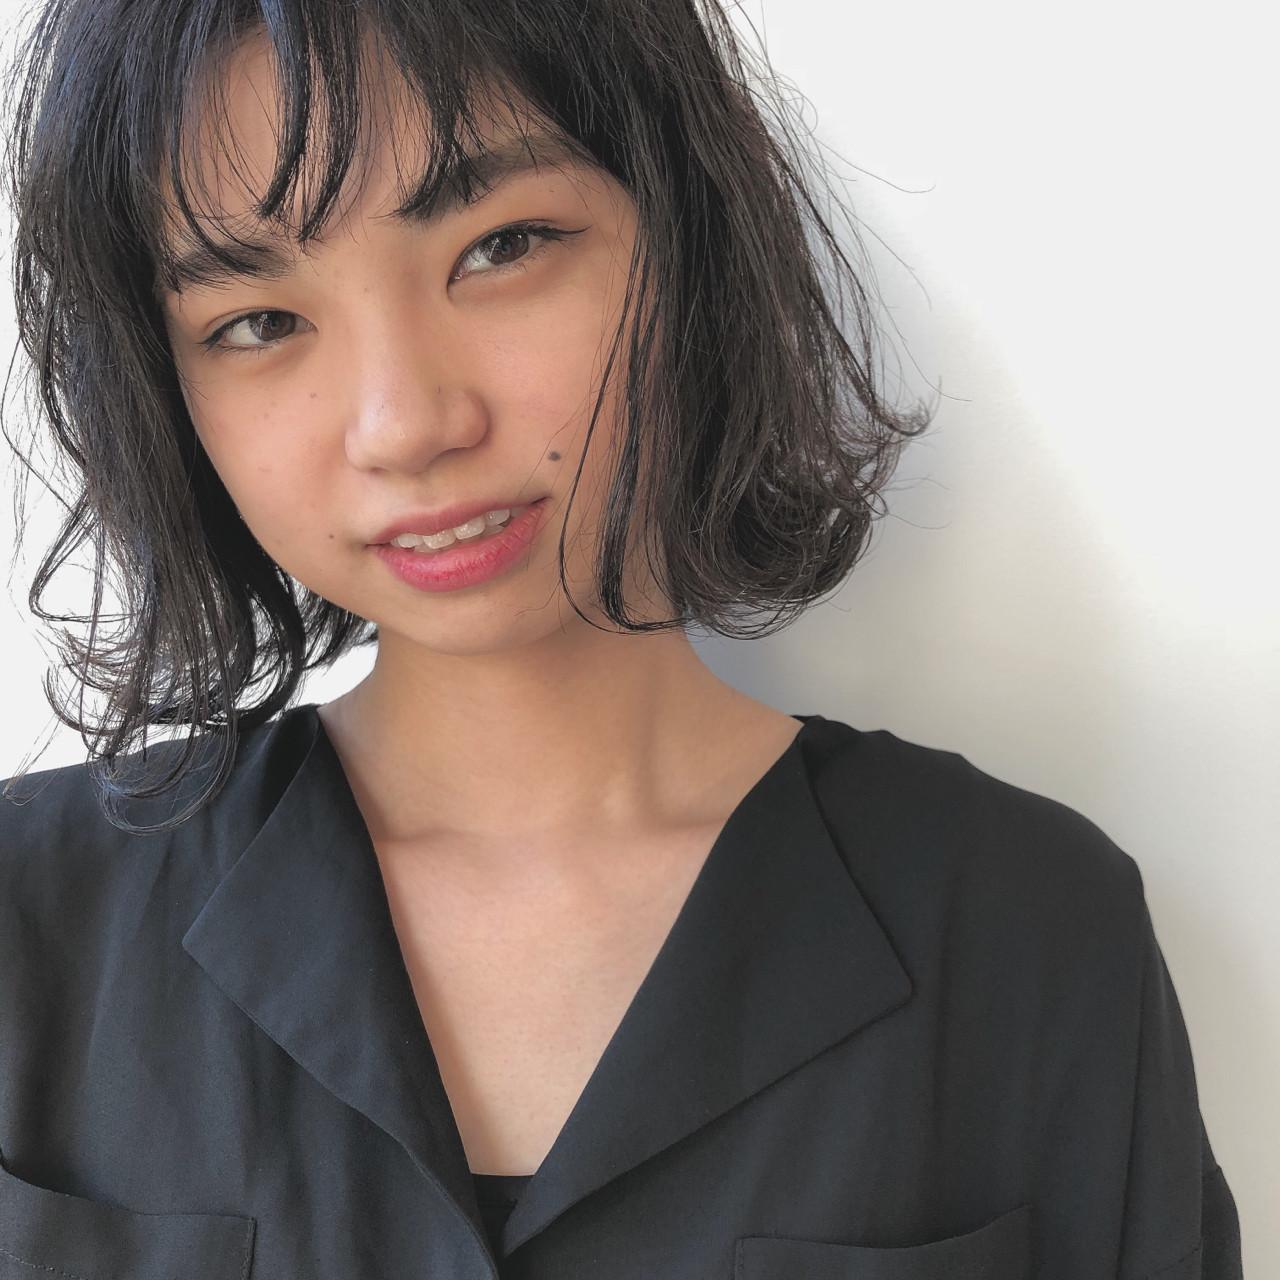 【前髪あり】くせ毛を生かした技アリボブ♪ 秋田将吾